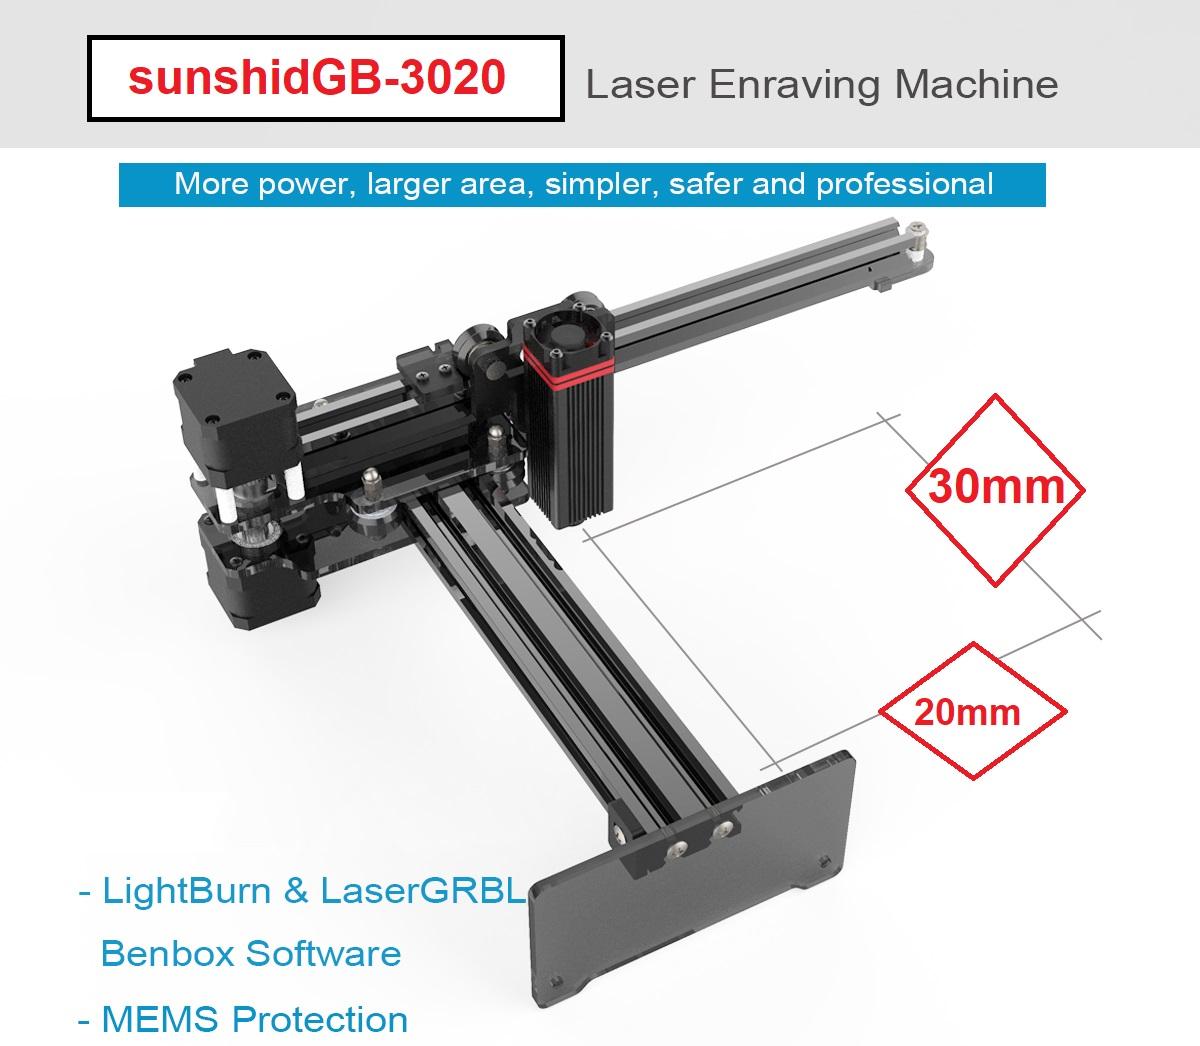 دستگاه لیزر حکاکی و برش لیزری سانشید مدل GB-3020